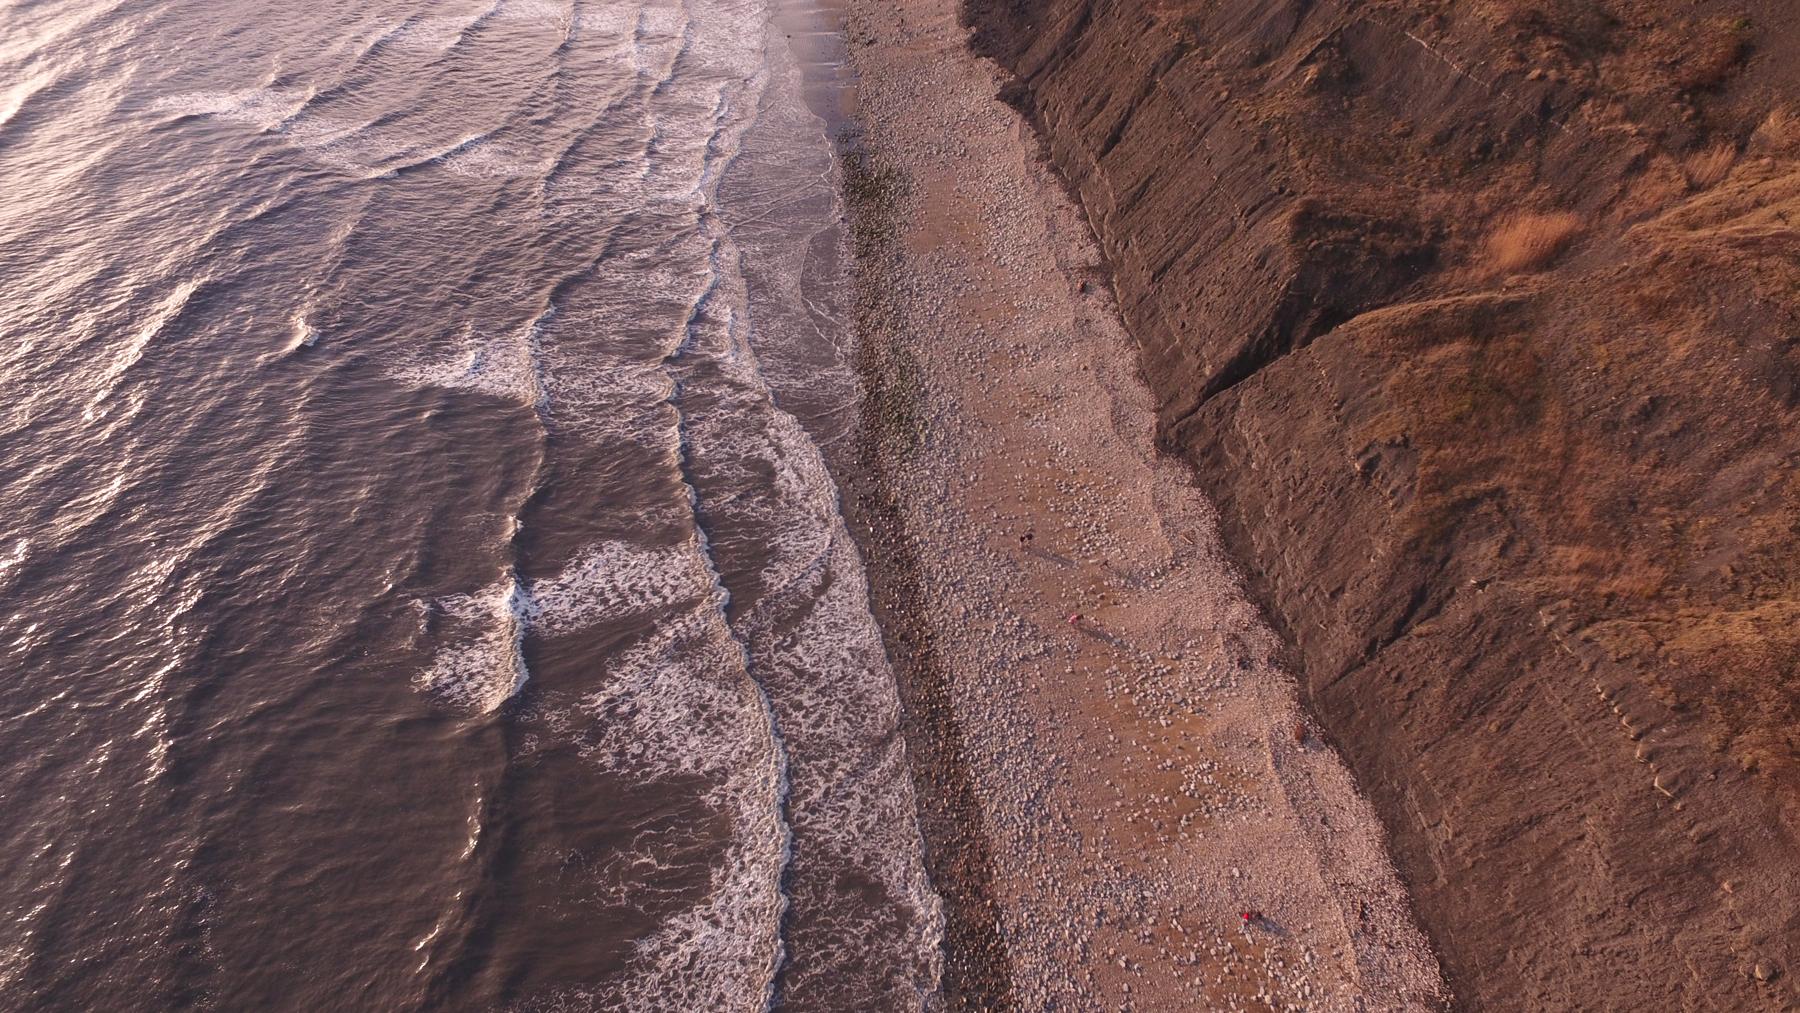 Jurassic-Coast-UAV-Hire.com